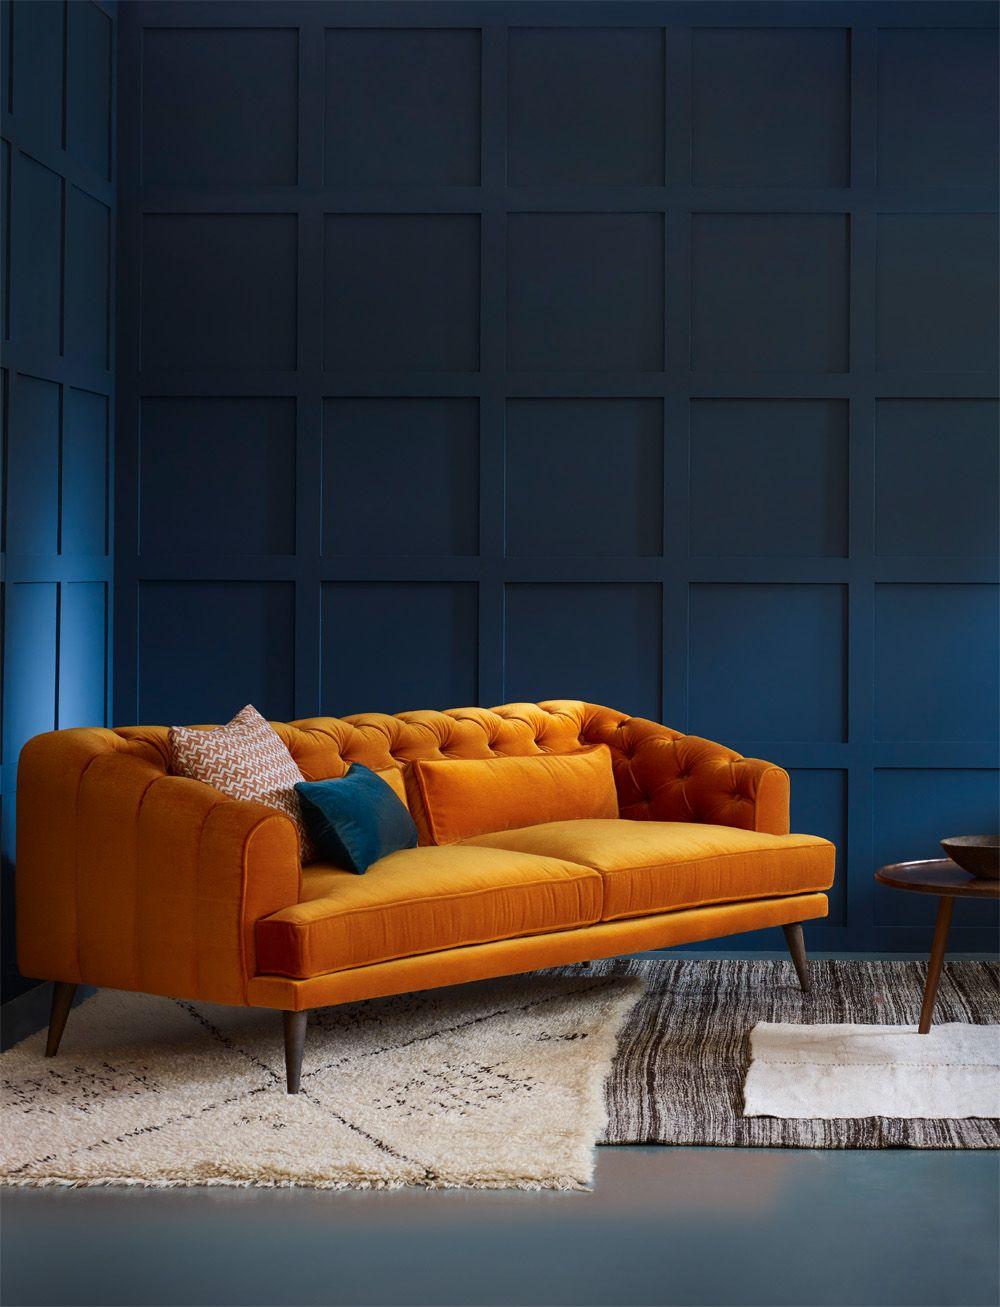 velvet sofa | living room furniture set | living room ideas #velvetsofa #livingroomfurnitureset #livingroomidea